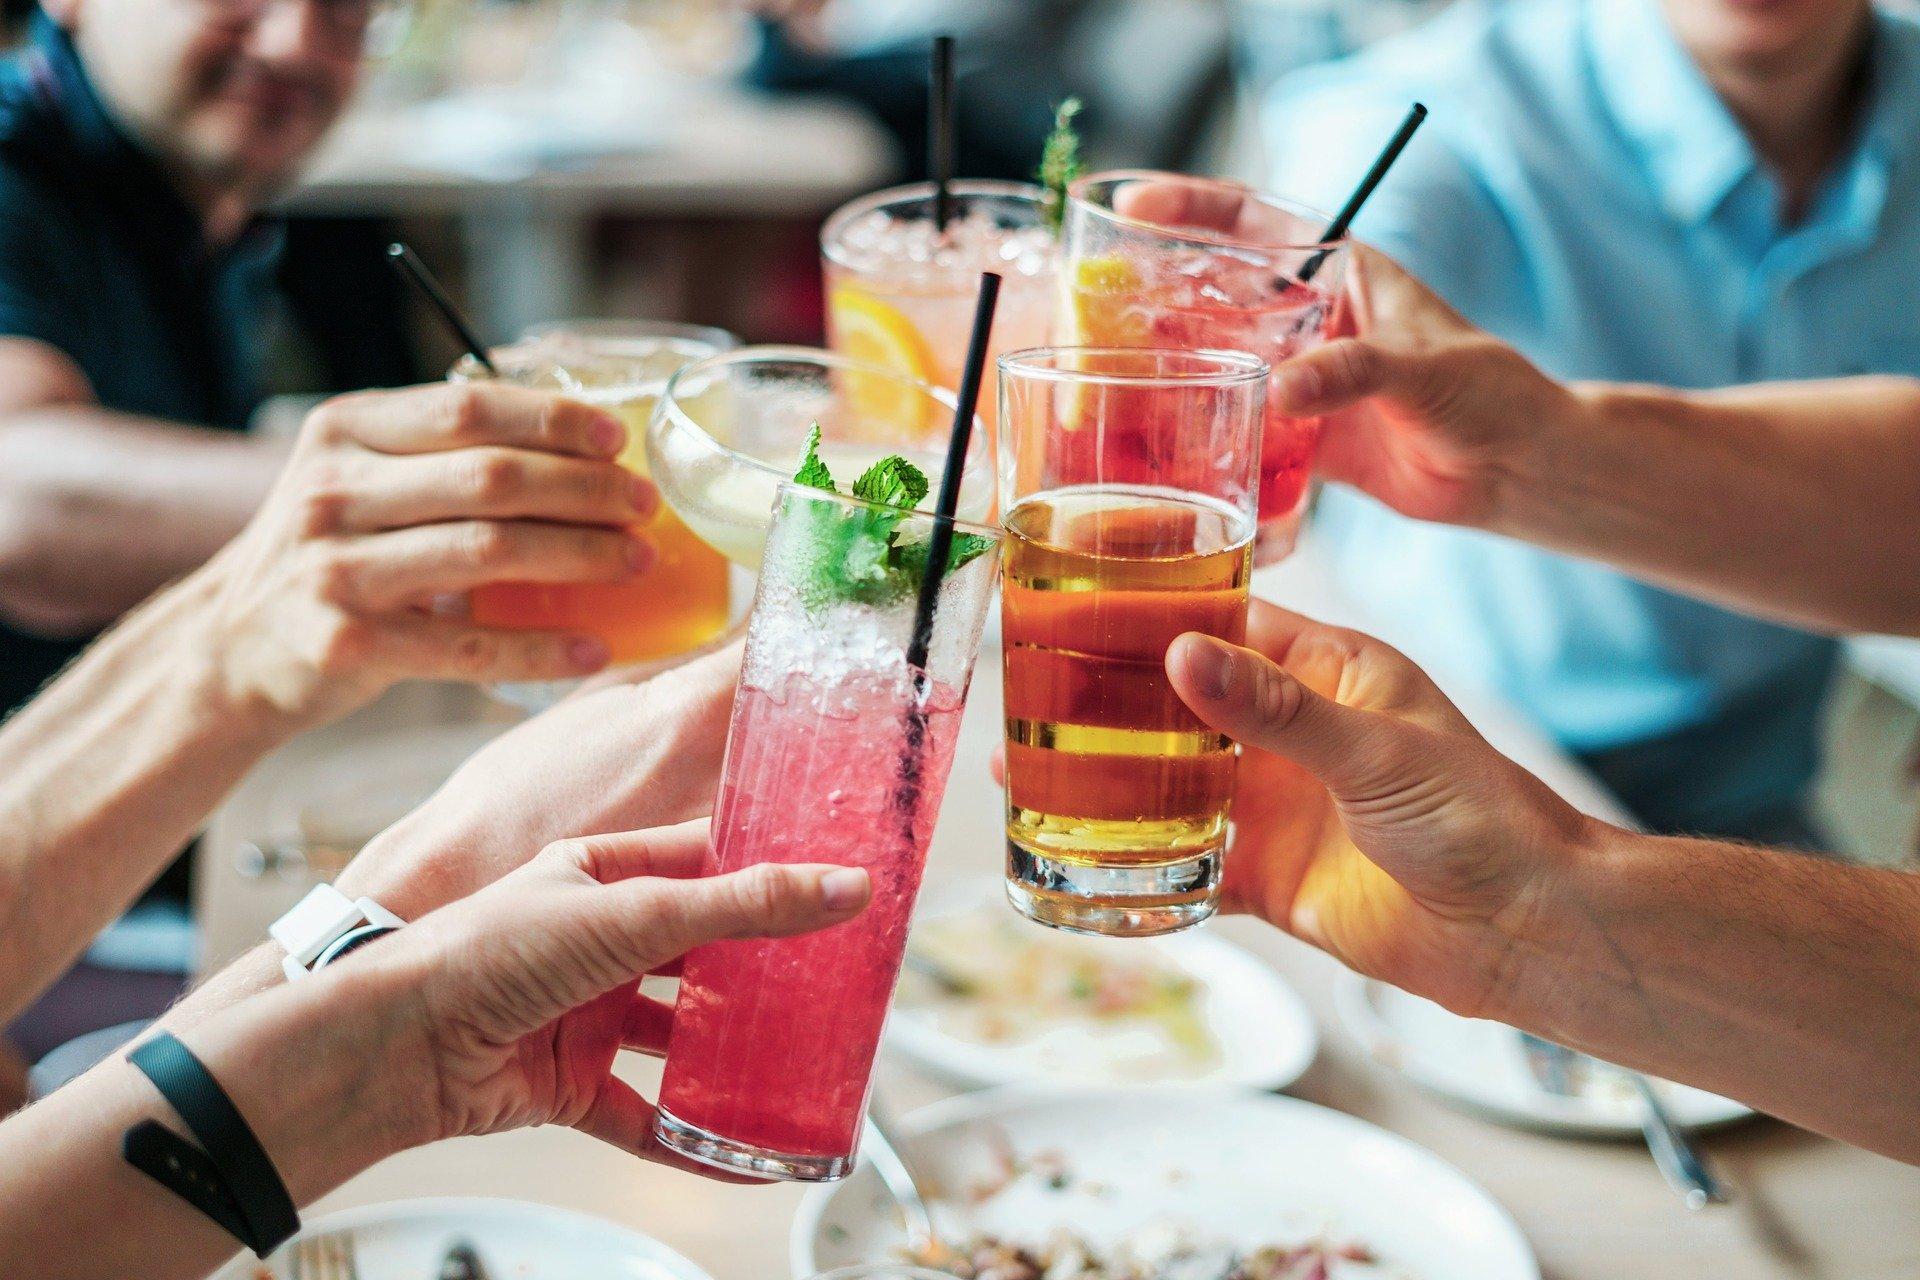 """""""Risikoarmer Alkoholkonsum – (Wie) Geht das?"""" lautet das Thema beim Forum Gesundheit. (Symbolfoto: pixabay)"""